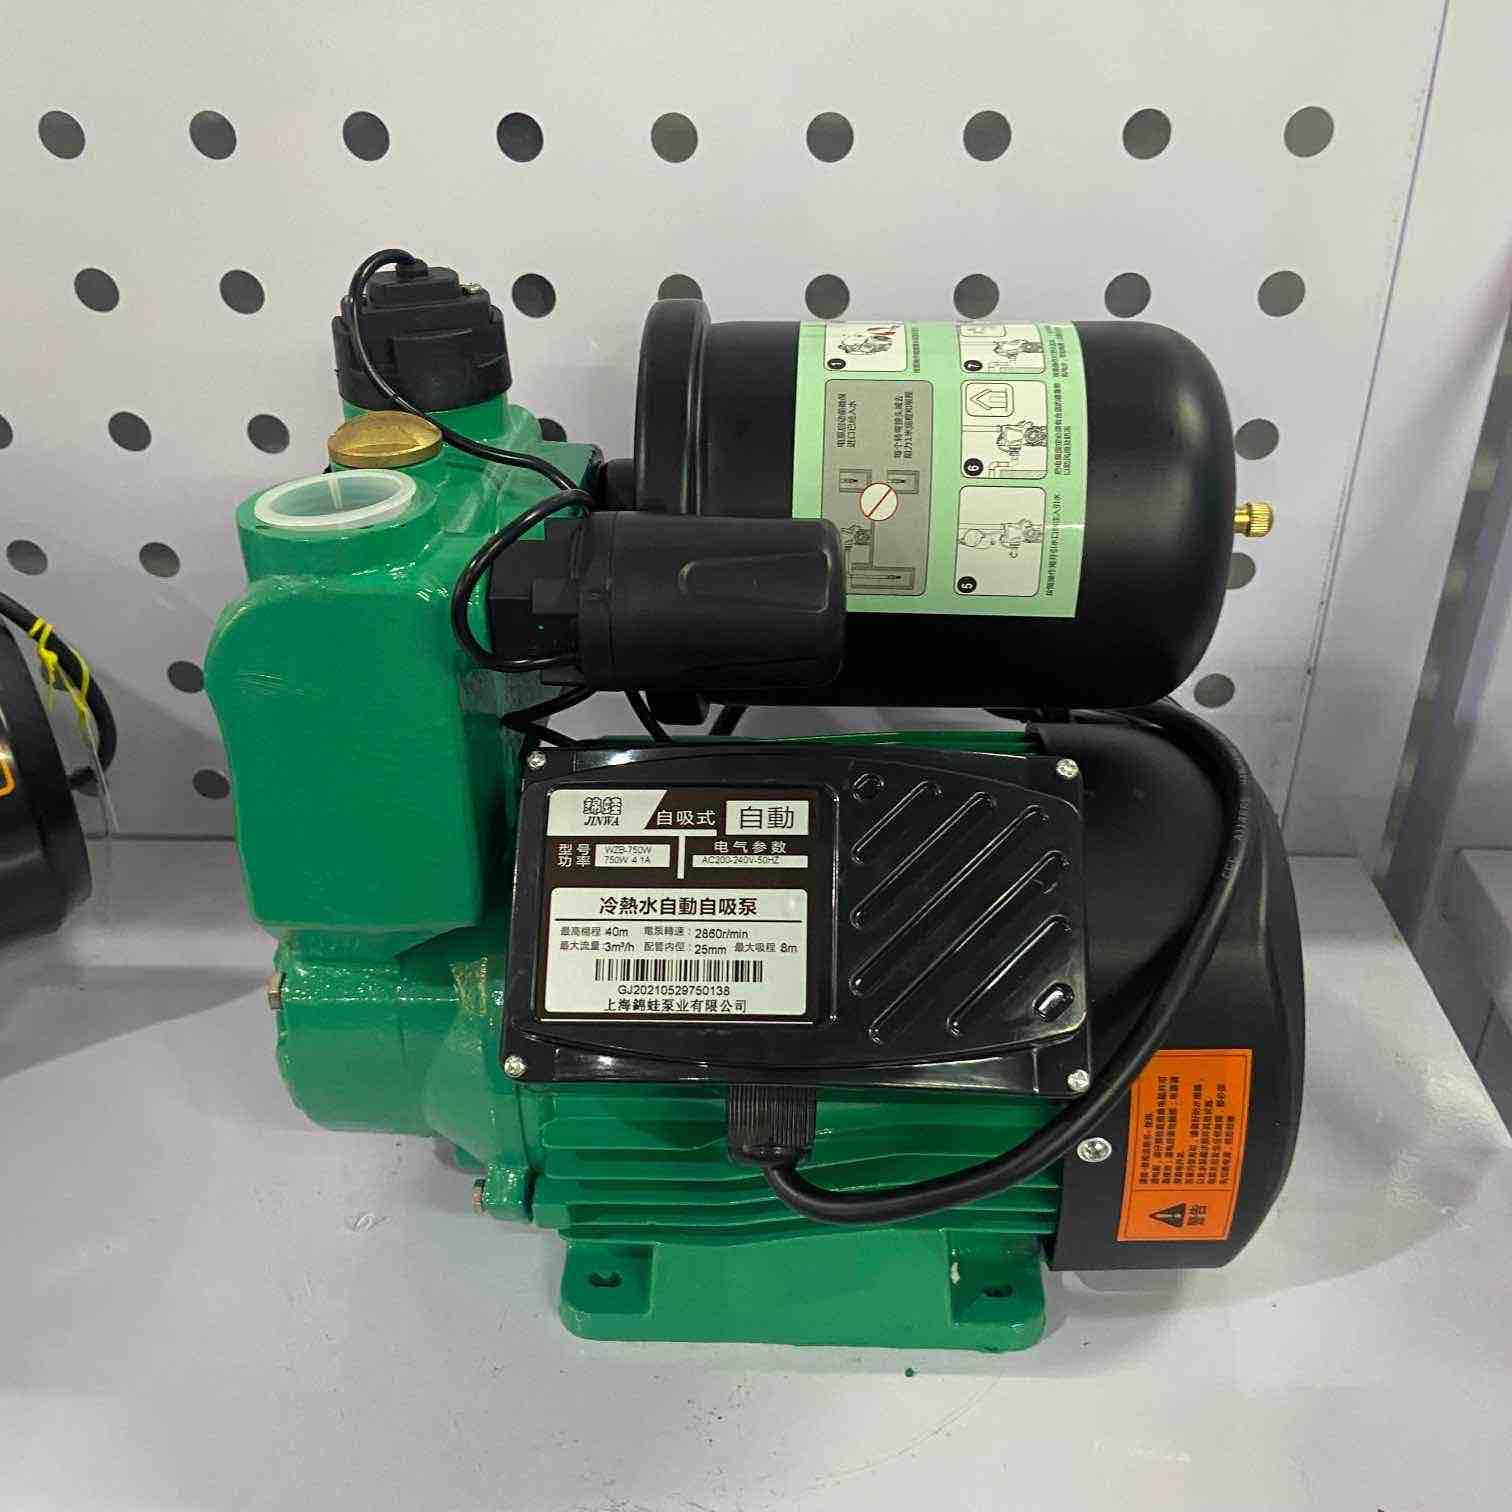 现货秒发 上海锦蛙牌 冷热水自动自吸泵 WZB-750W 240V